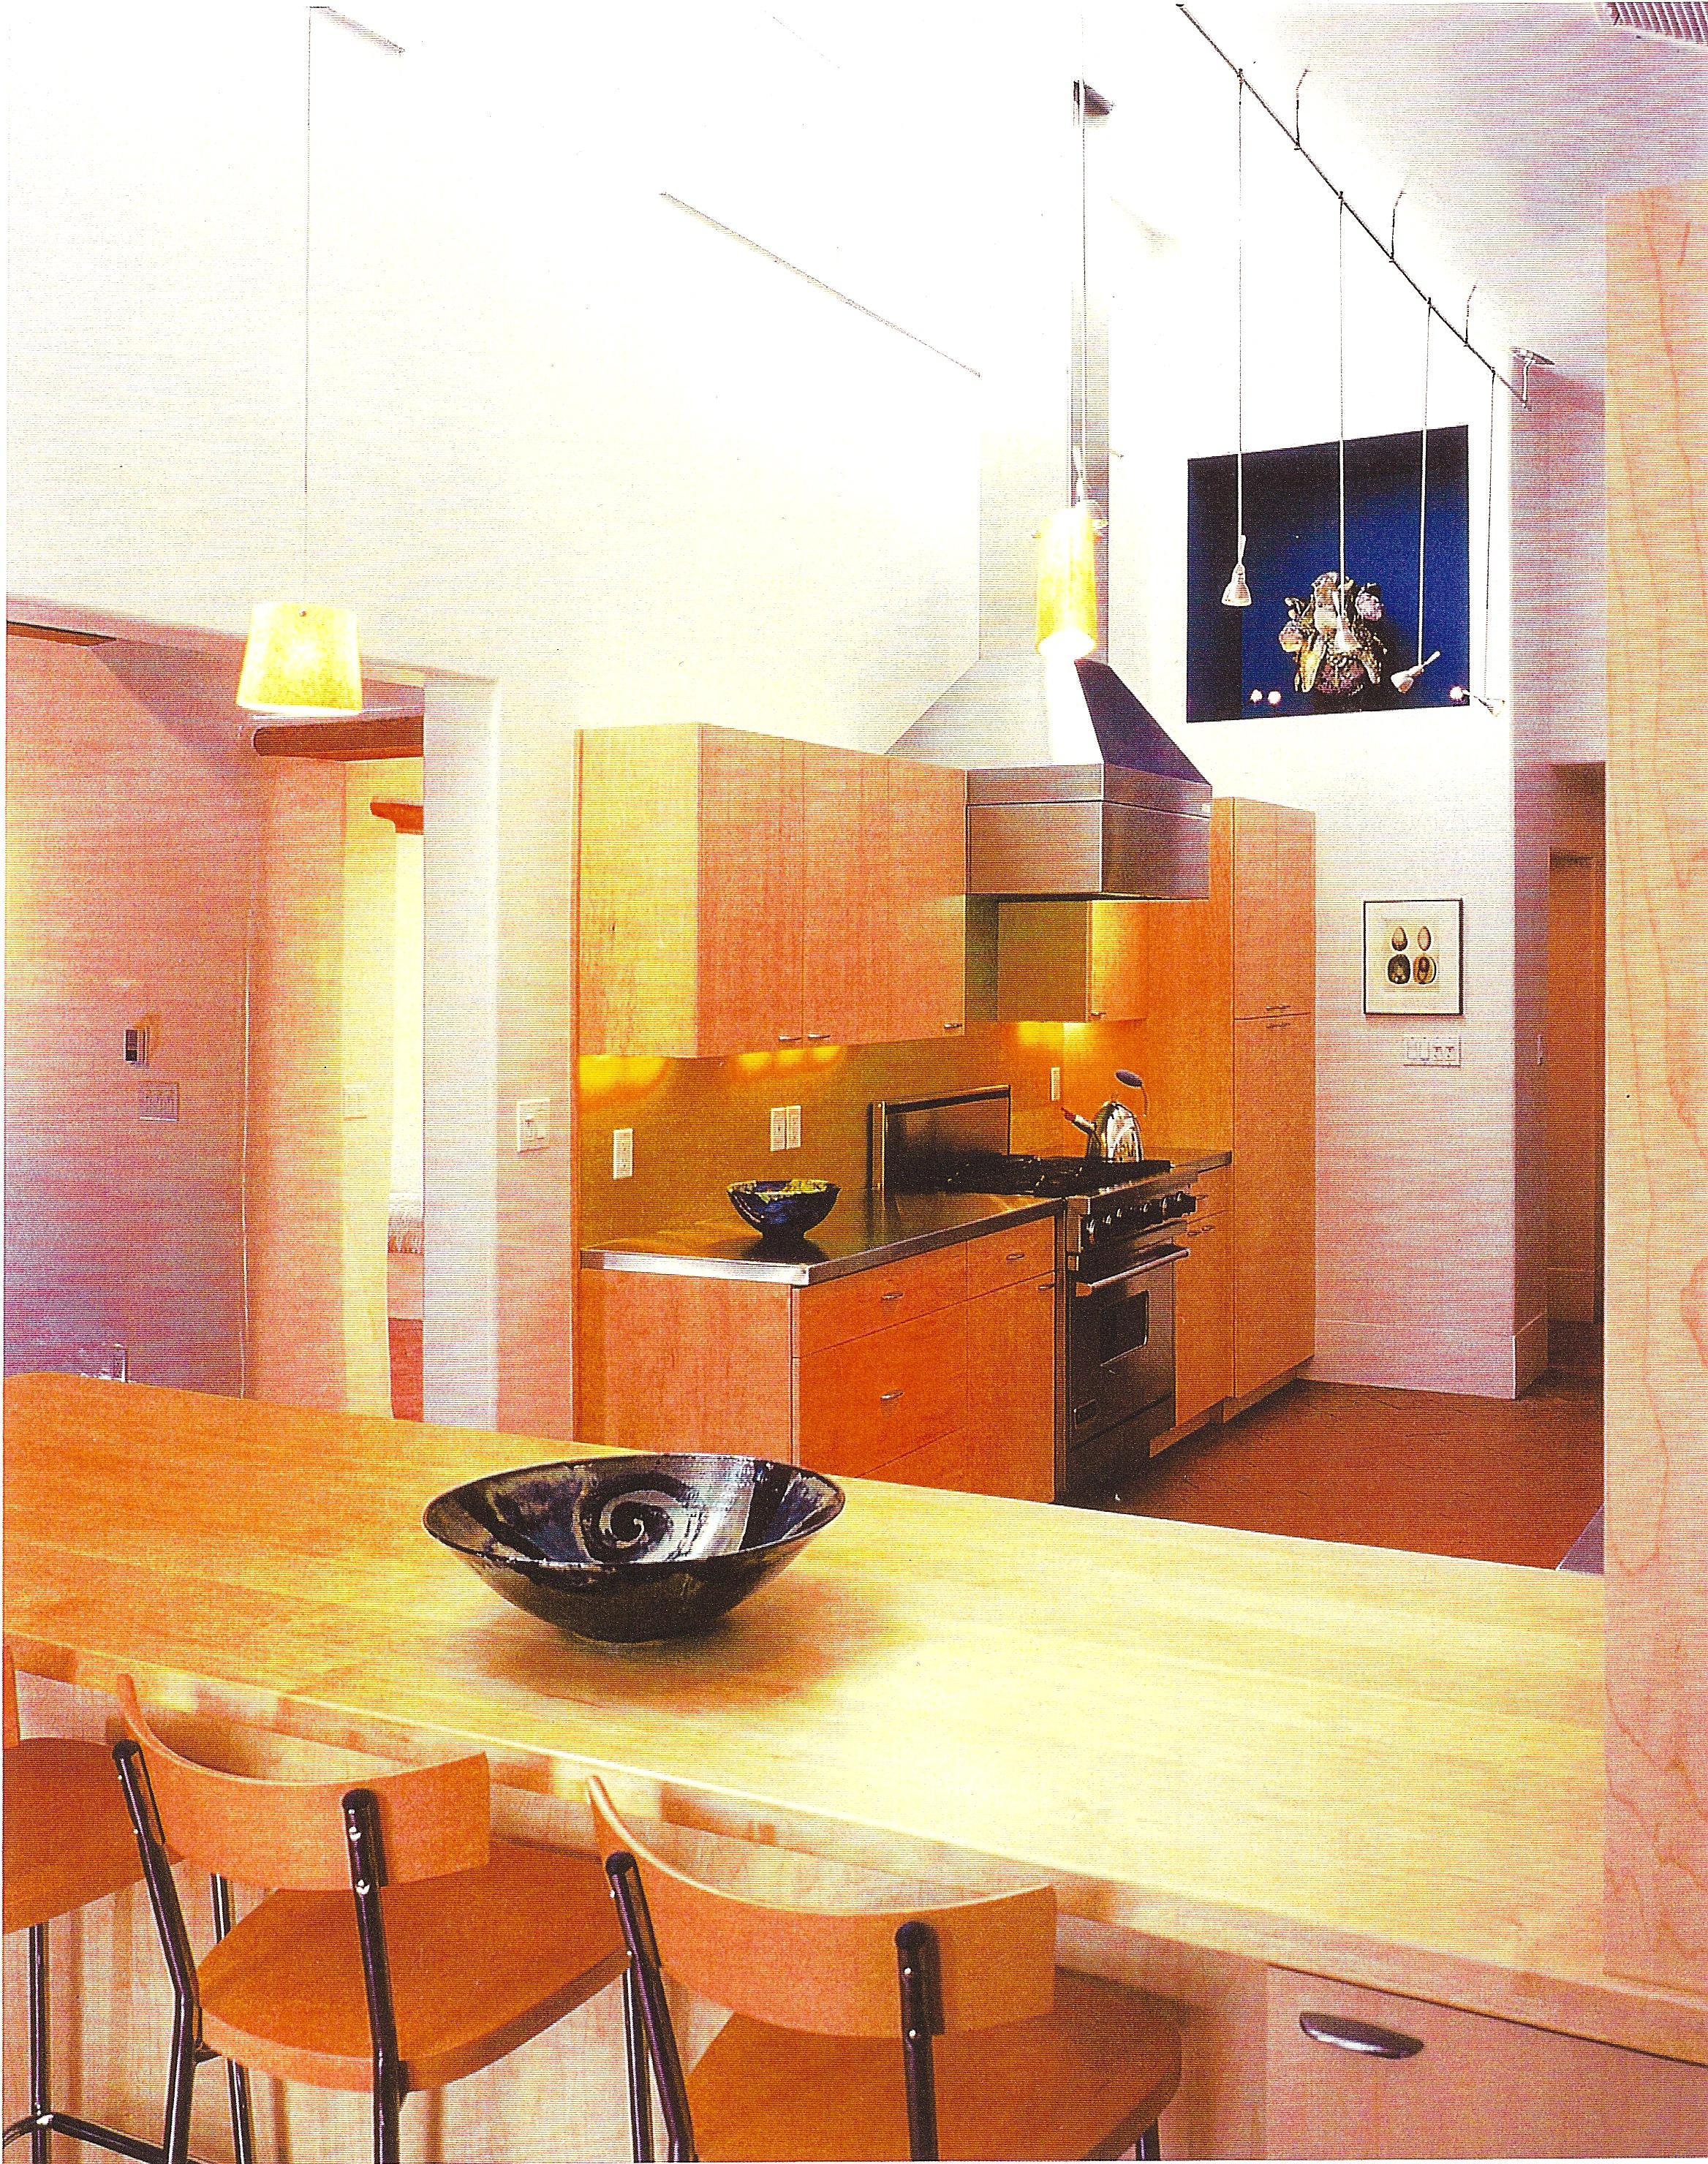 Kitchen and art nook.